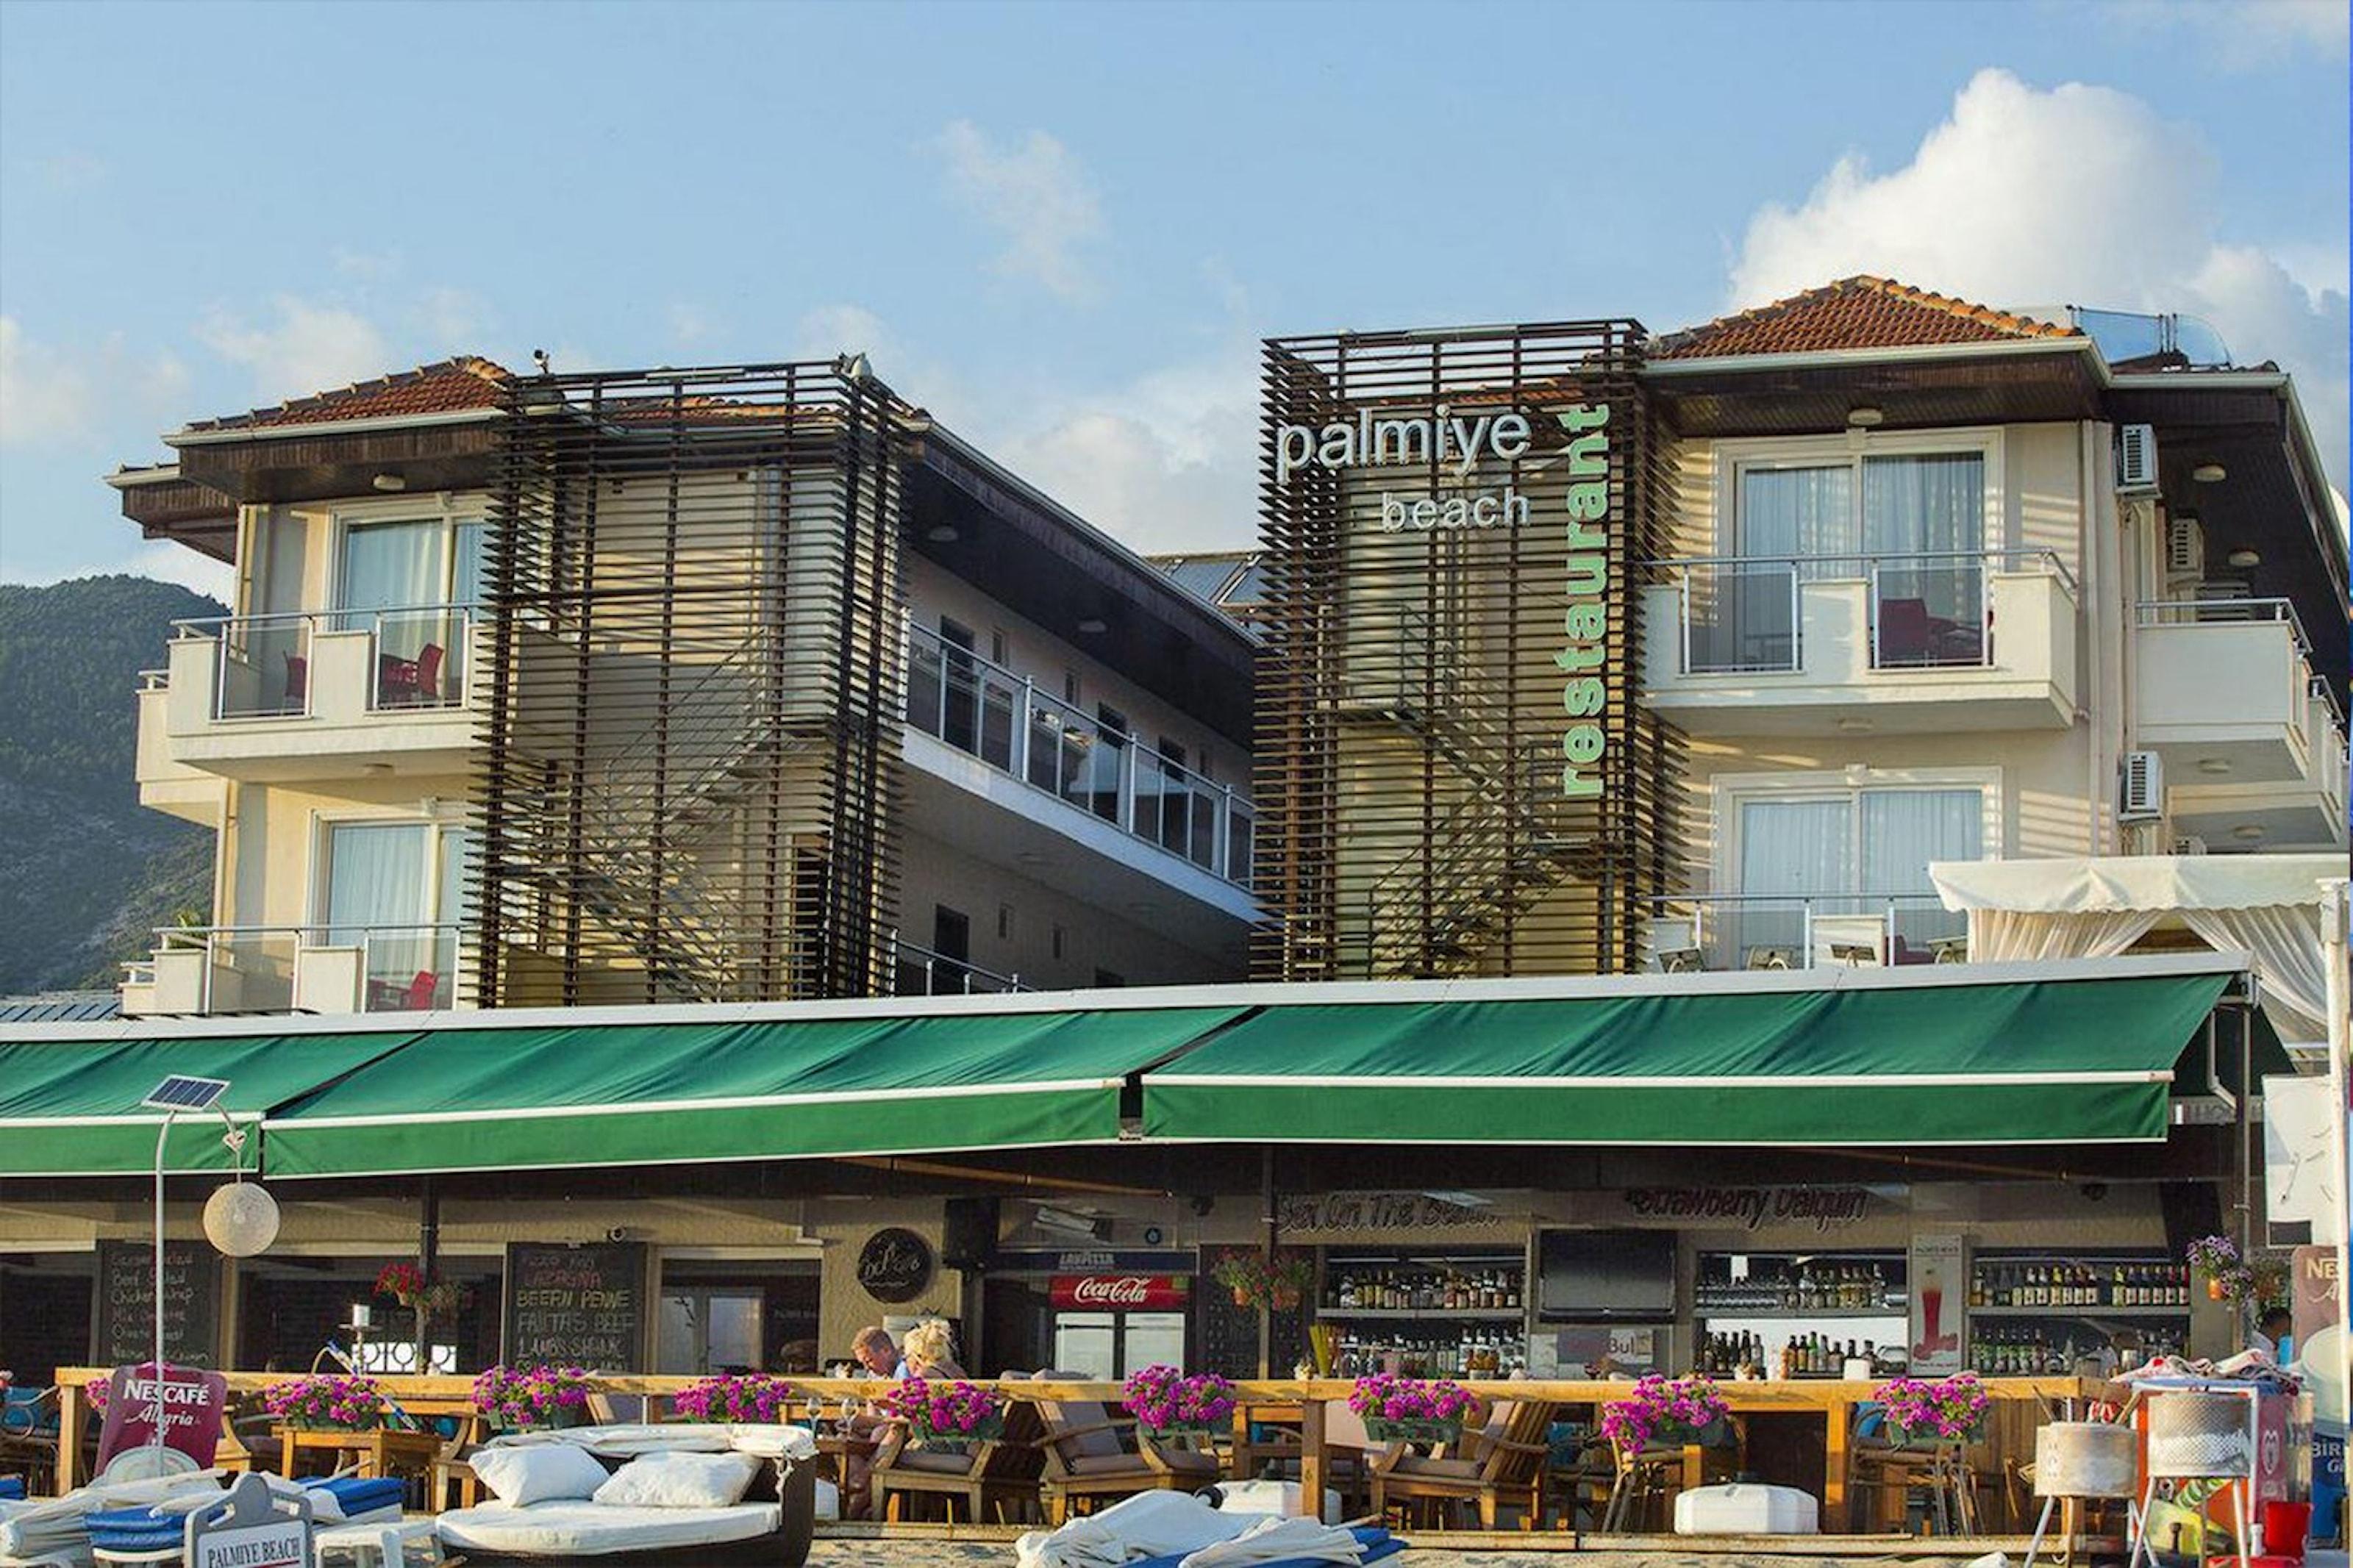 Oppstartstilbud hos Mixxtravel: Palmiye Beach Hotel i Alanya